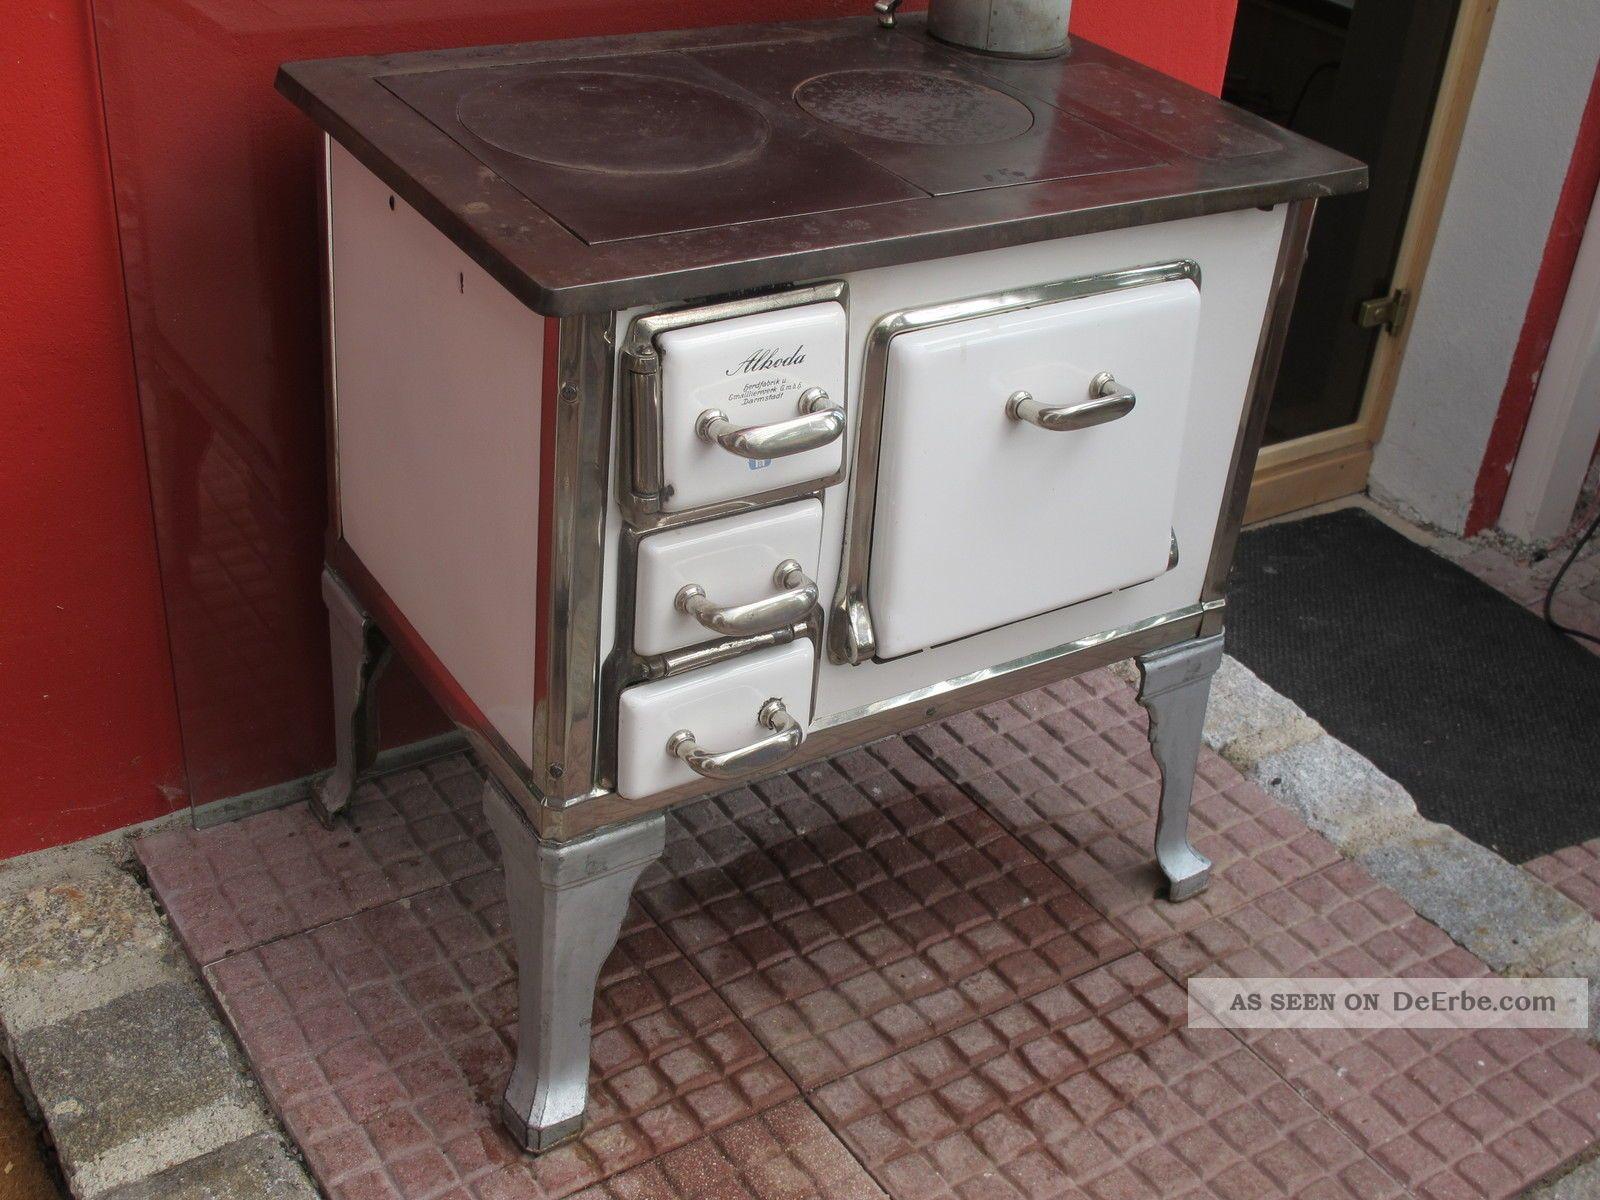 Outdoorküche Holz Test : Außenküchen outdoorküche für das grillen und kochen im garten